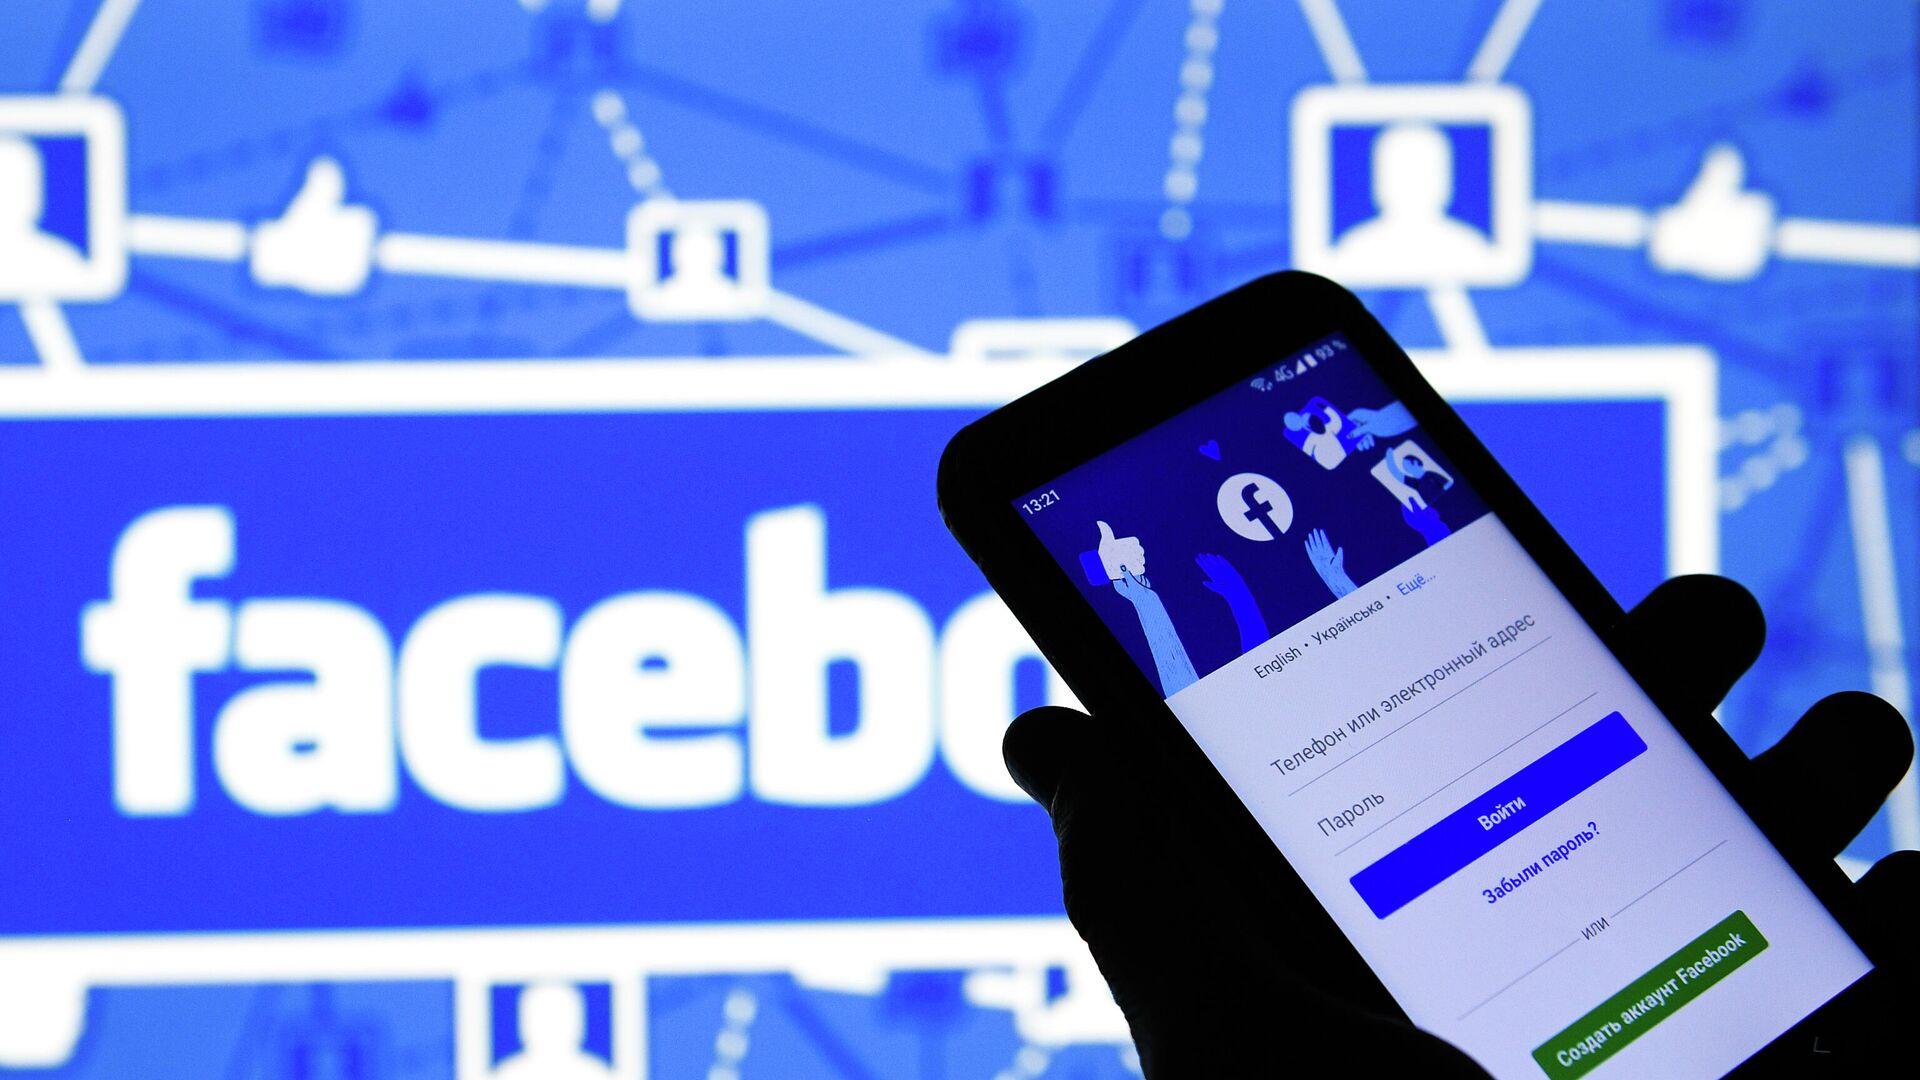 Приложение социальной сети Facebook в мобильном телефоне - РИА Новости, 1920, 22.02.2021